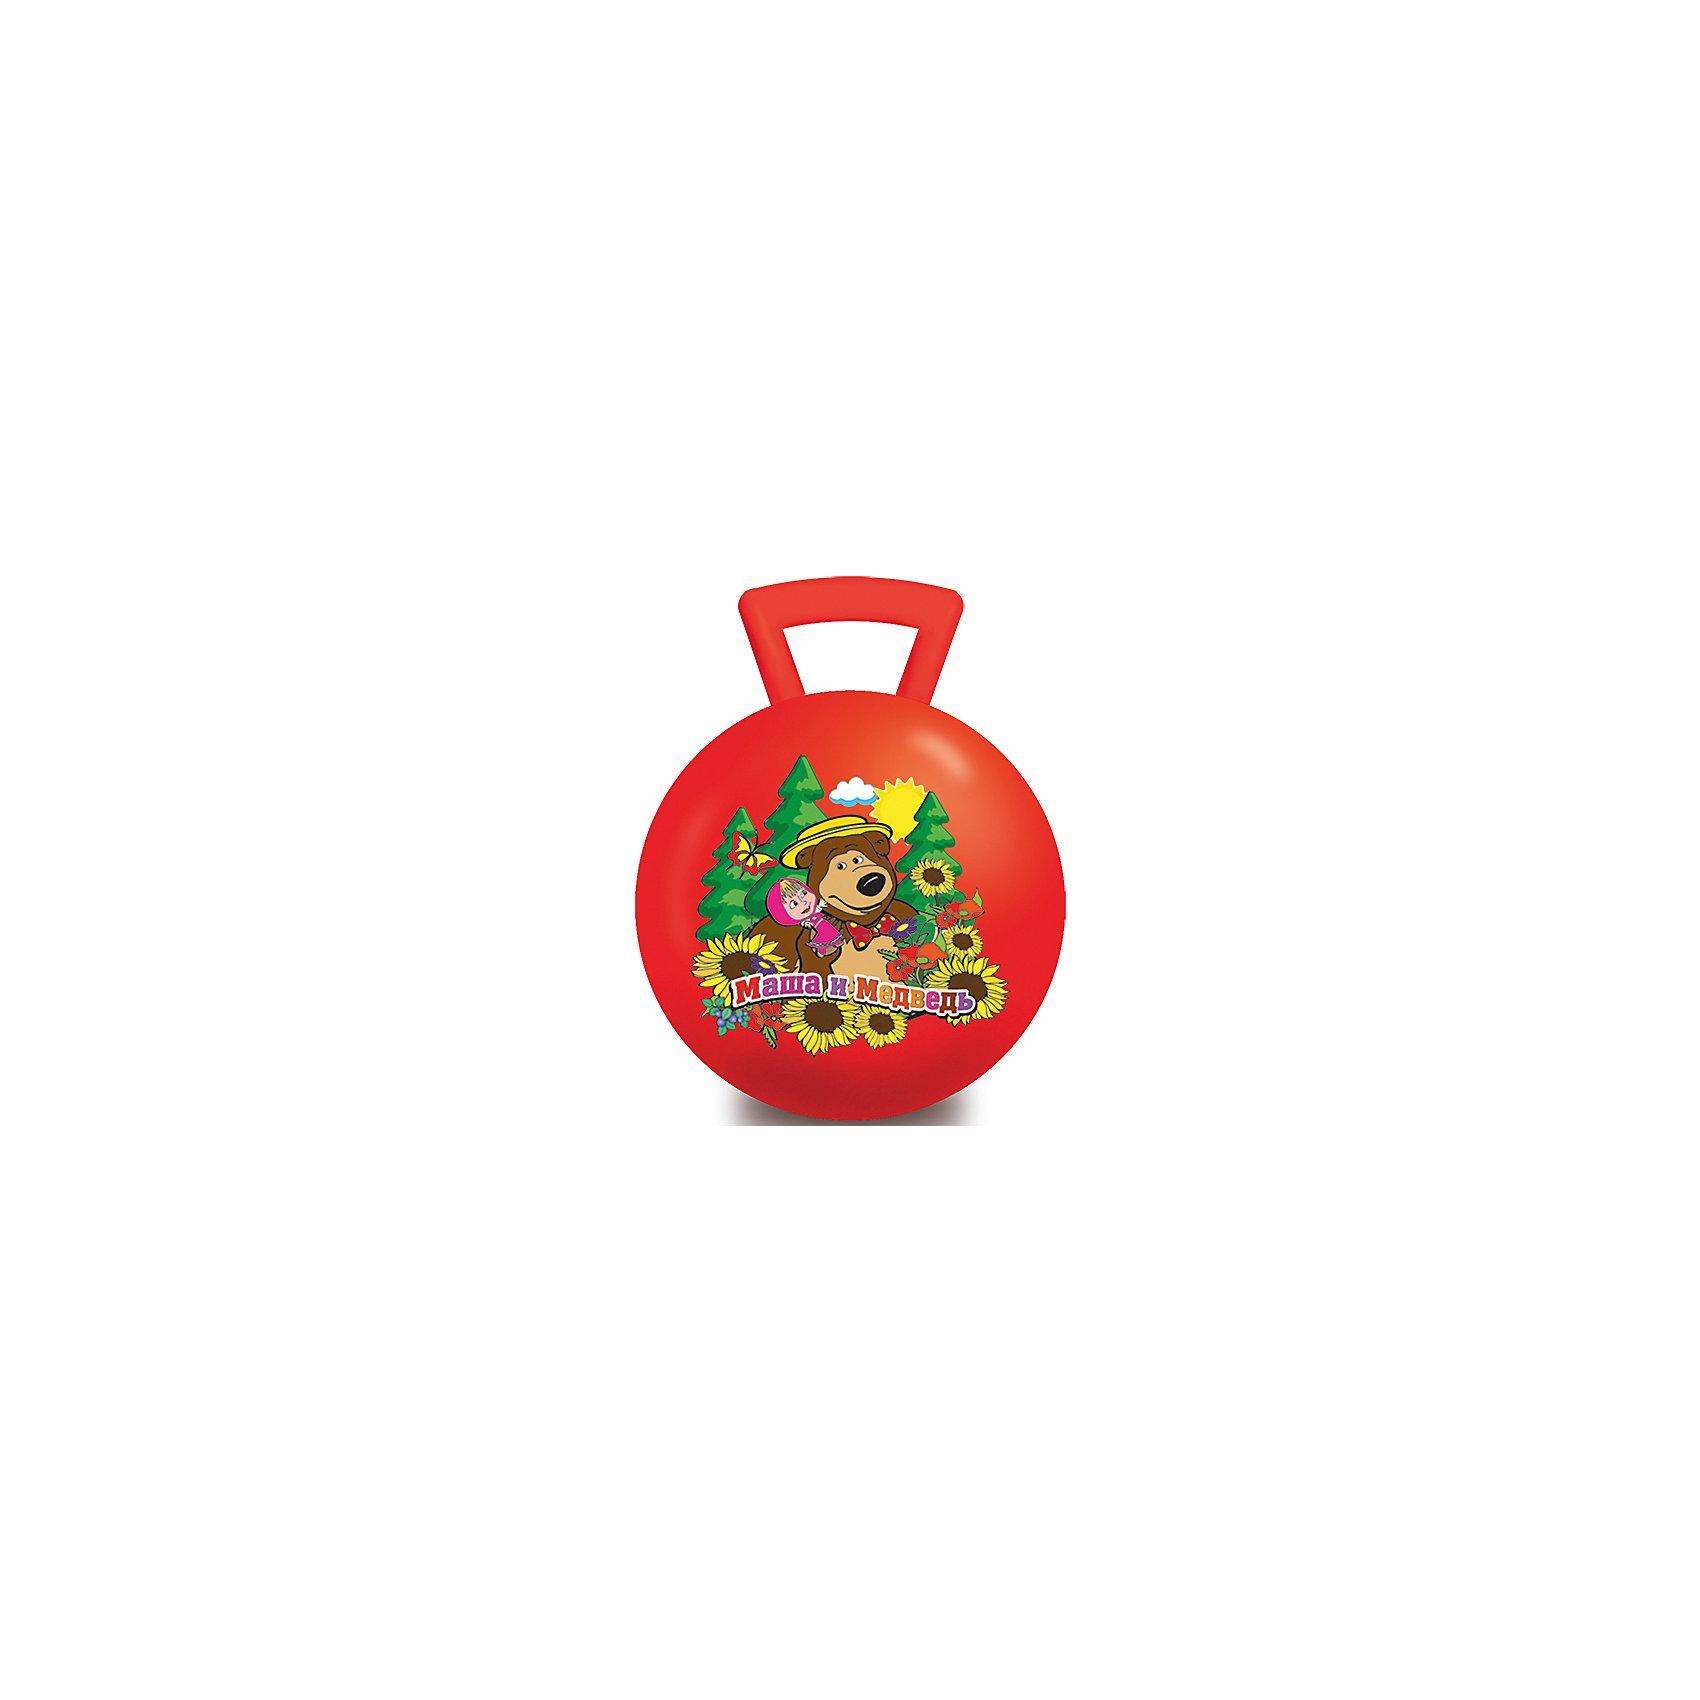 Мяч с ручкой, 45 см, Маша и Медведь, Играем вместеМяч-попрыгун с ручкой выполнен из высококачественных прочных полимерных материалов. Ребенку понравится прыгать на нем. Веселые игры с мячом не только принесут множество положительных эмоций и улыбок, но и помогут детям улучшить координацию движений, потренируют вестибулярный аппарат, укрепят мышцы ног, рук и спины.<br><br>Дополнительная информация:<br><br>- Материал: ПВХ.<br>- Размер: d - 45 см.<br>- Максимальный вес ребенка: 70 кг.  <br>- Цвет в ассортименте.<br>ВНИМАНИЕ! Данный артикул представлен в разных цветовых вариантах. К сожалению, заранее выбрать определенный вариант невозможно. При заказе нескольких мячей возможно получение одинаковых.<br><br>Мяч с ручкой, 45 см, Маша и Медведь, Играем вместе, в ассортименте, можно купить в нашем магазине.<br><br>Ширина мм: 510<br>Глубина мм: 380<br>Высота мм: 500<br>Вес г: 630<br>Возраст от месяцев: 36<br>Возраст до месяцев: 96<br>Пол: Унисекс<br>Возраст: Детский<br>SKU: 4616851